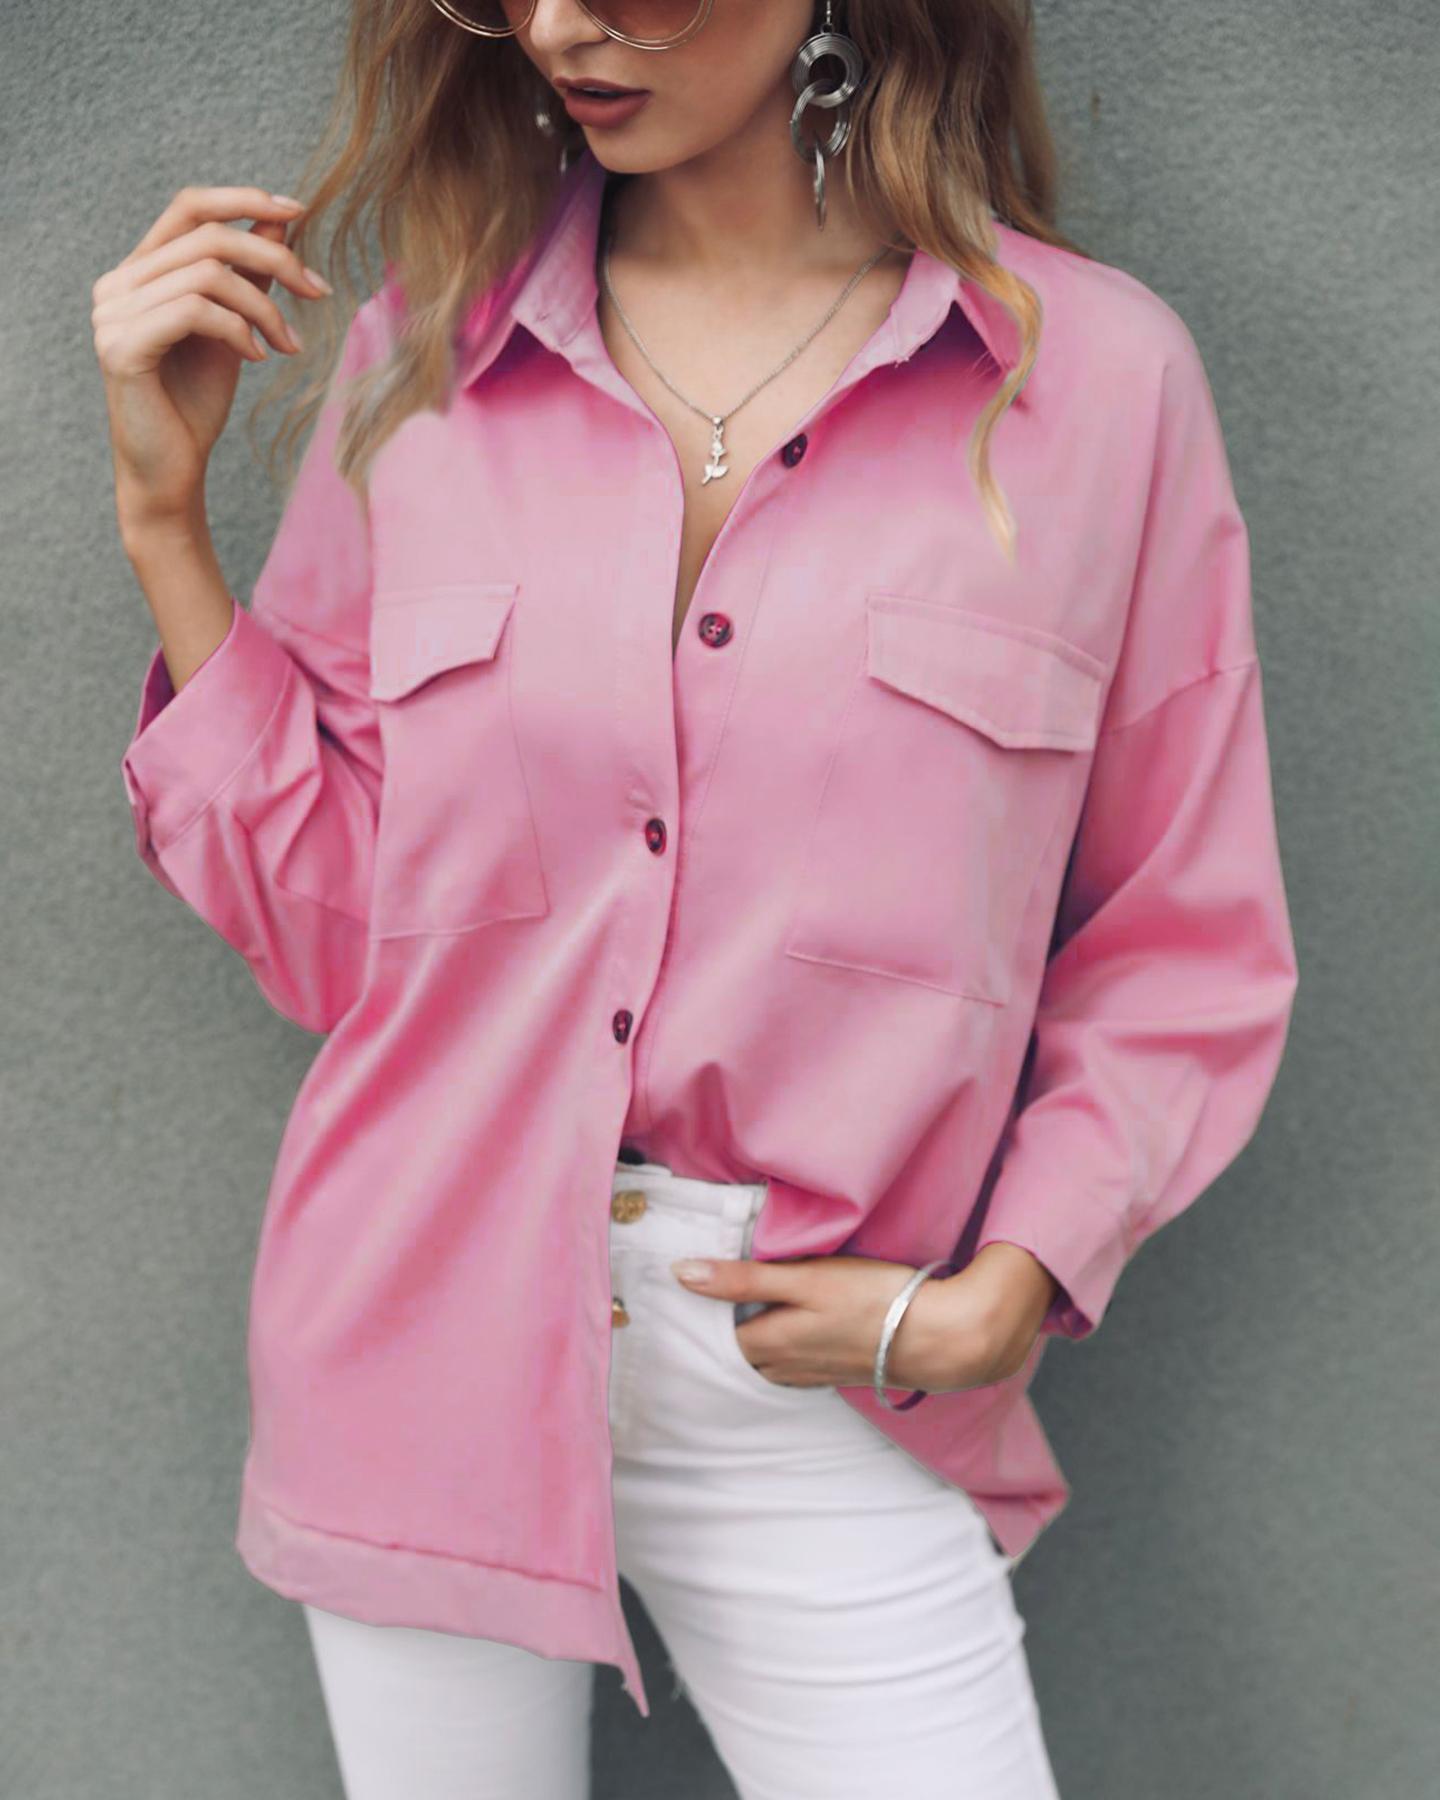 boutiquefeel / Camisa casual de manga larga con bolsillo sólido